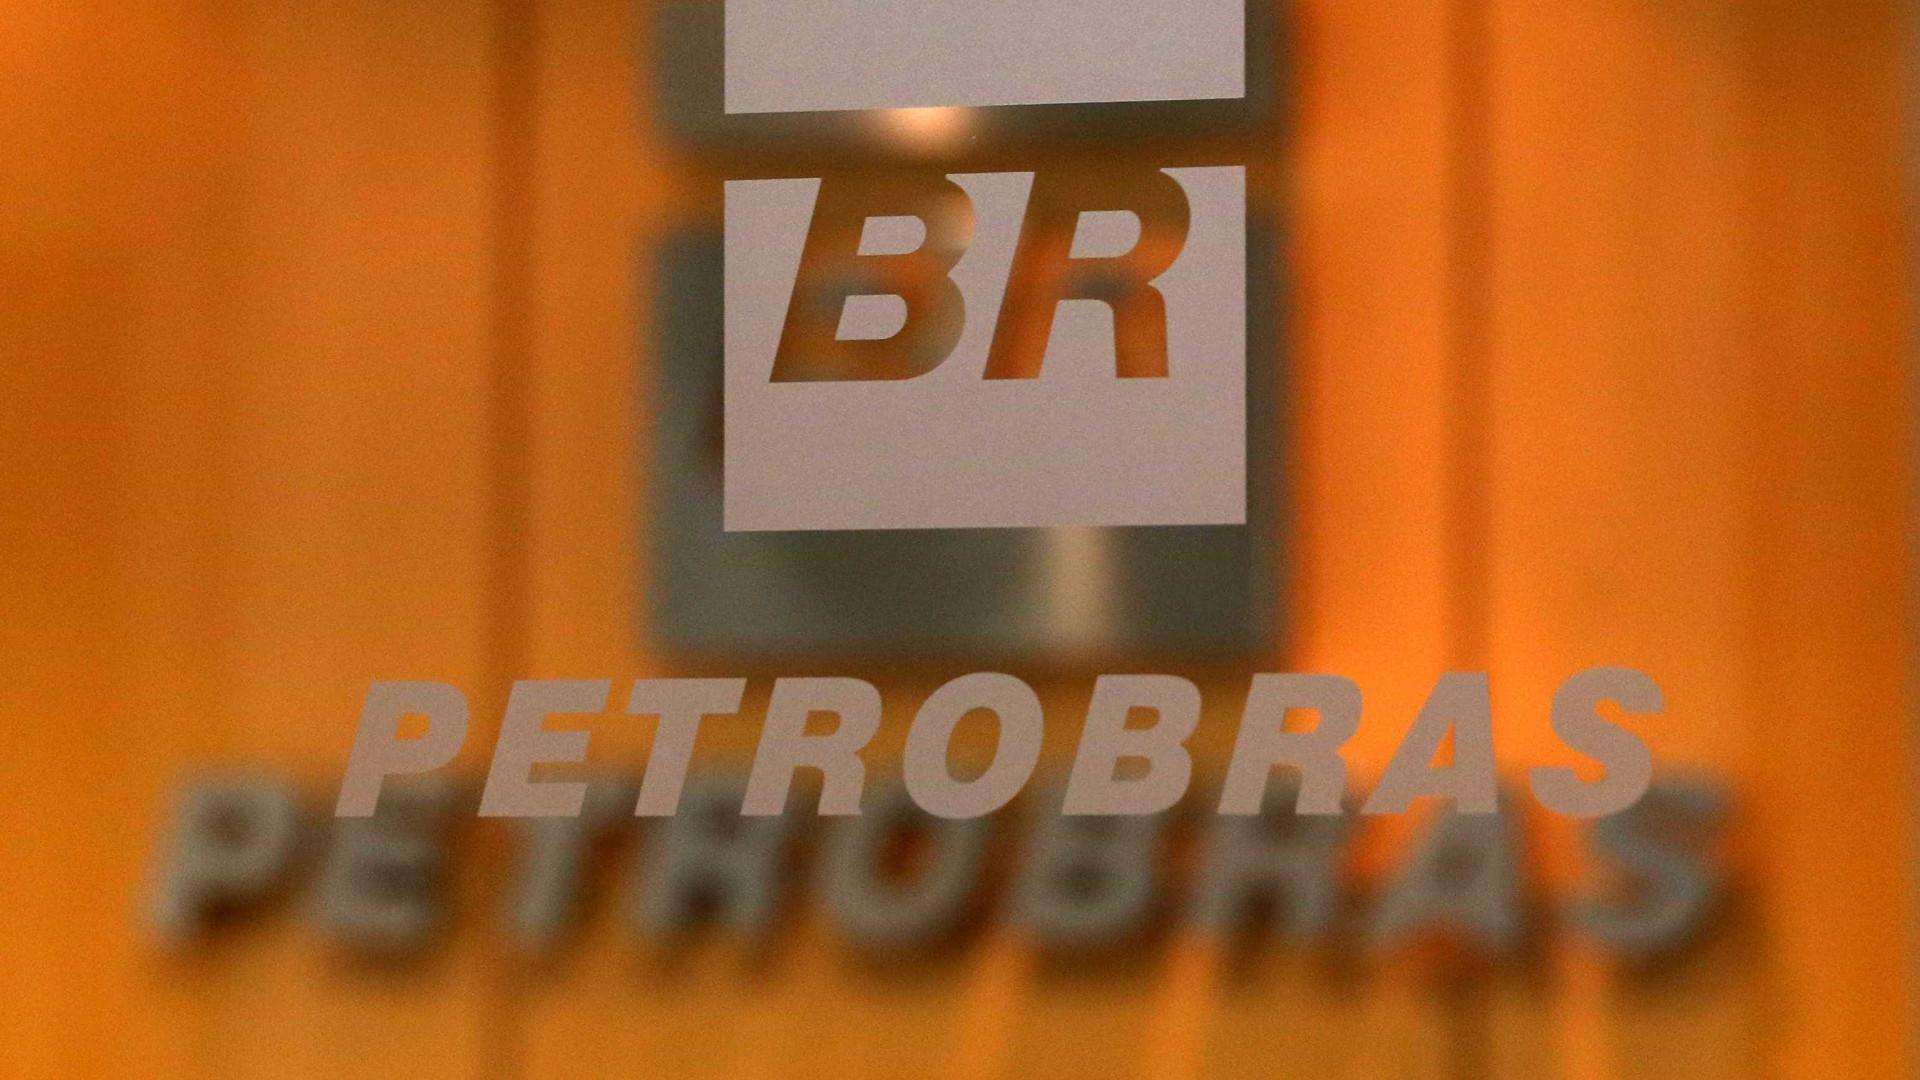 Importadores: Petrobras reagirá à alta do petróleo na semana que vem